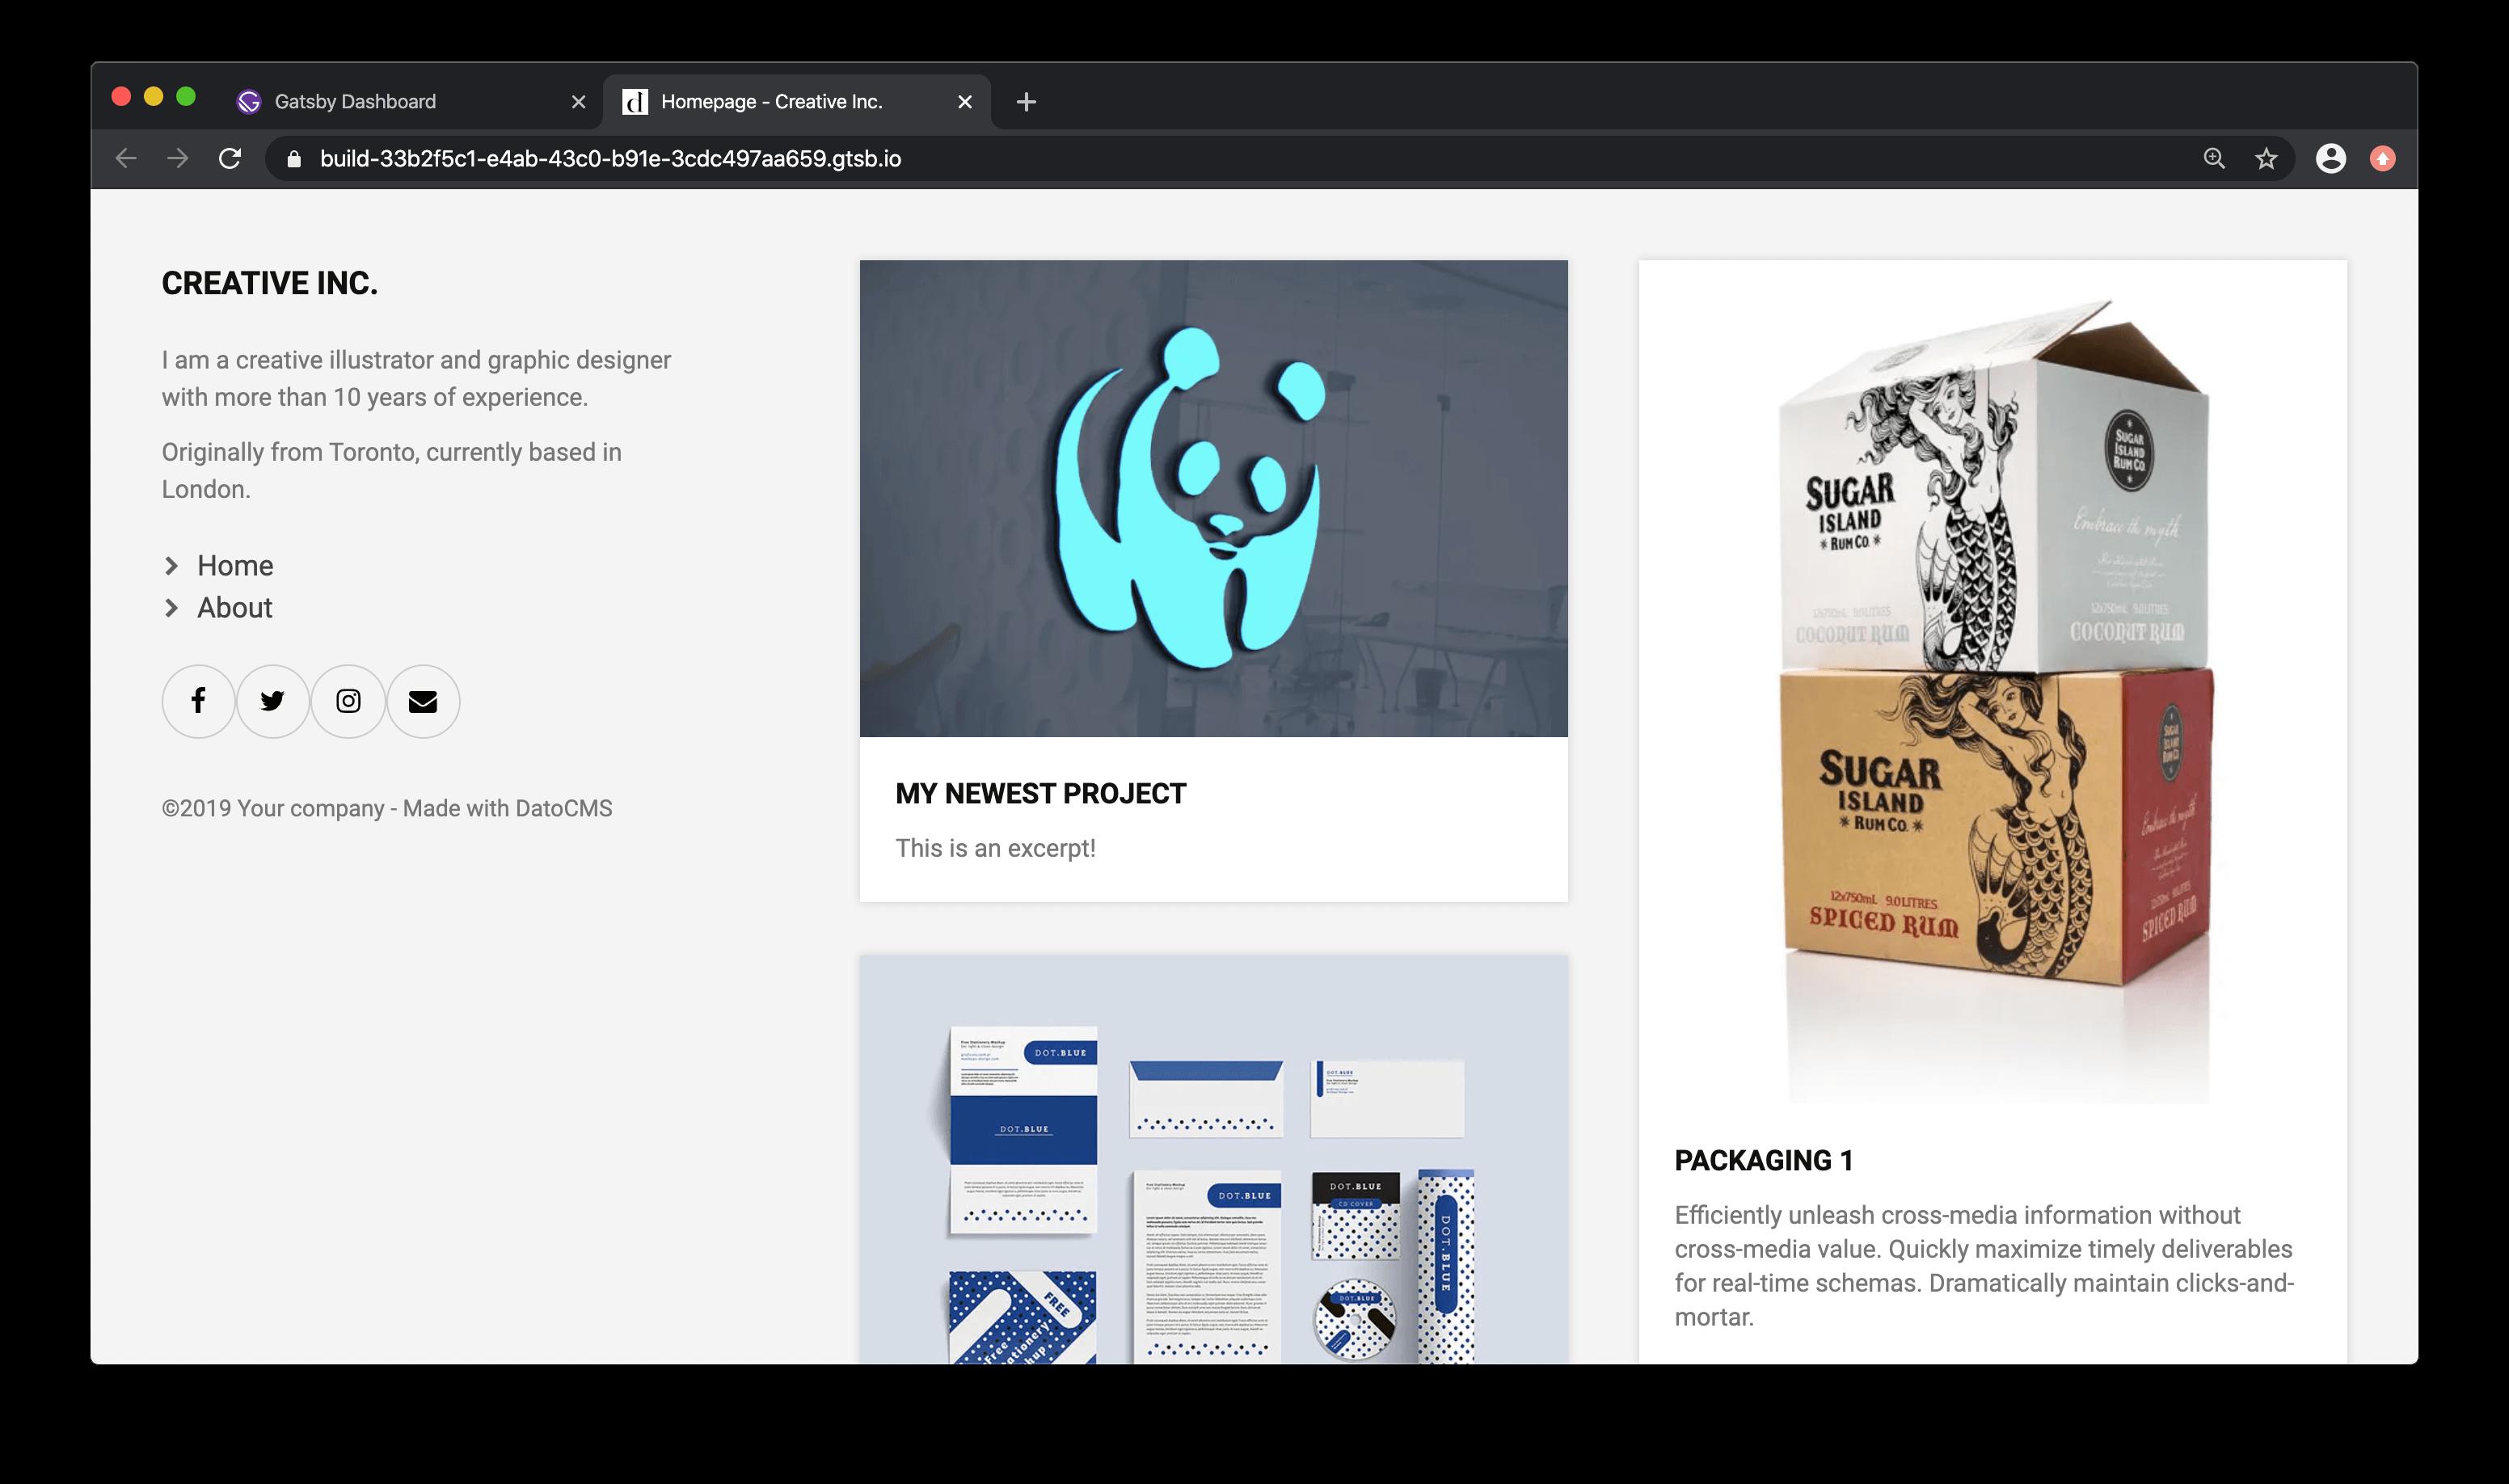 Website homepage view